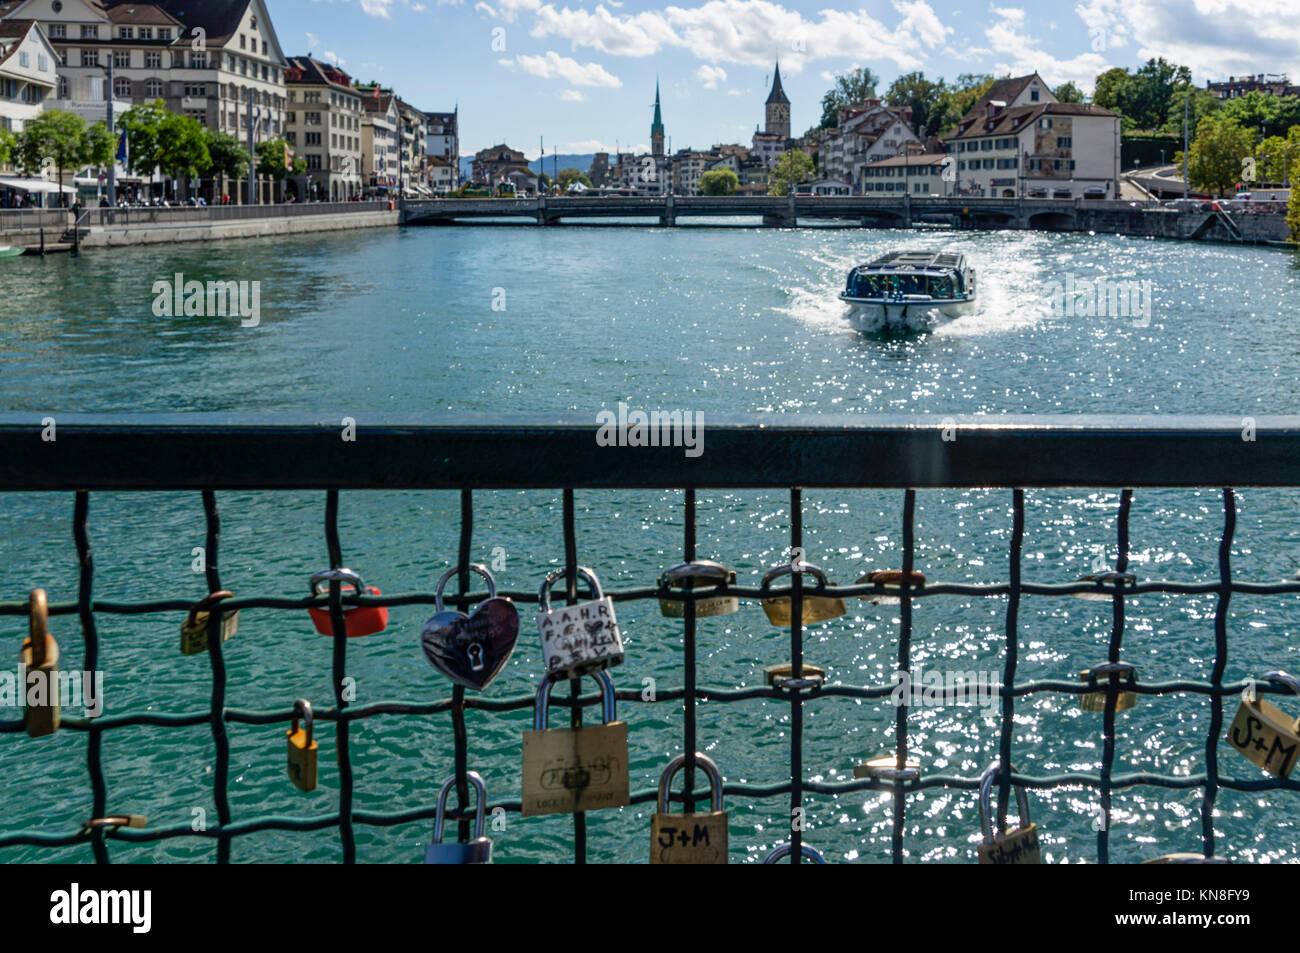 Liebe Schließfächer, Limmat, Zürich, Schweiz Stockbild